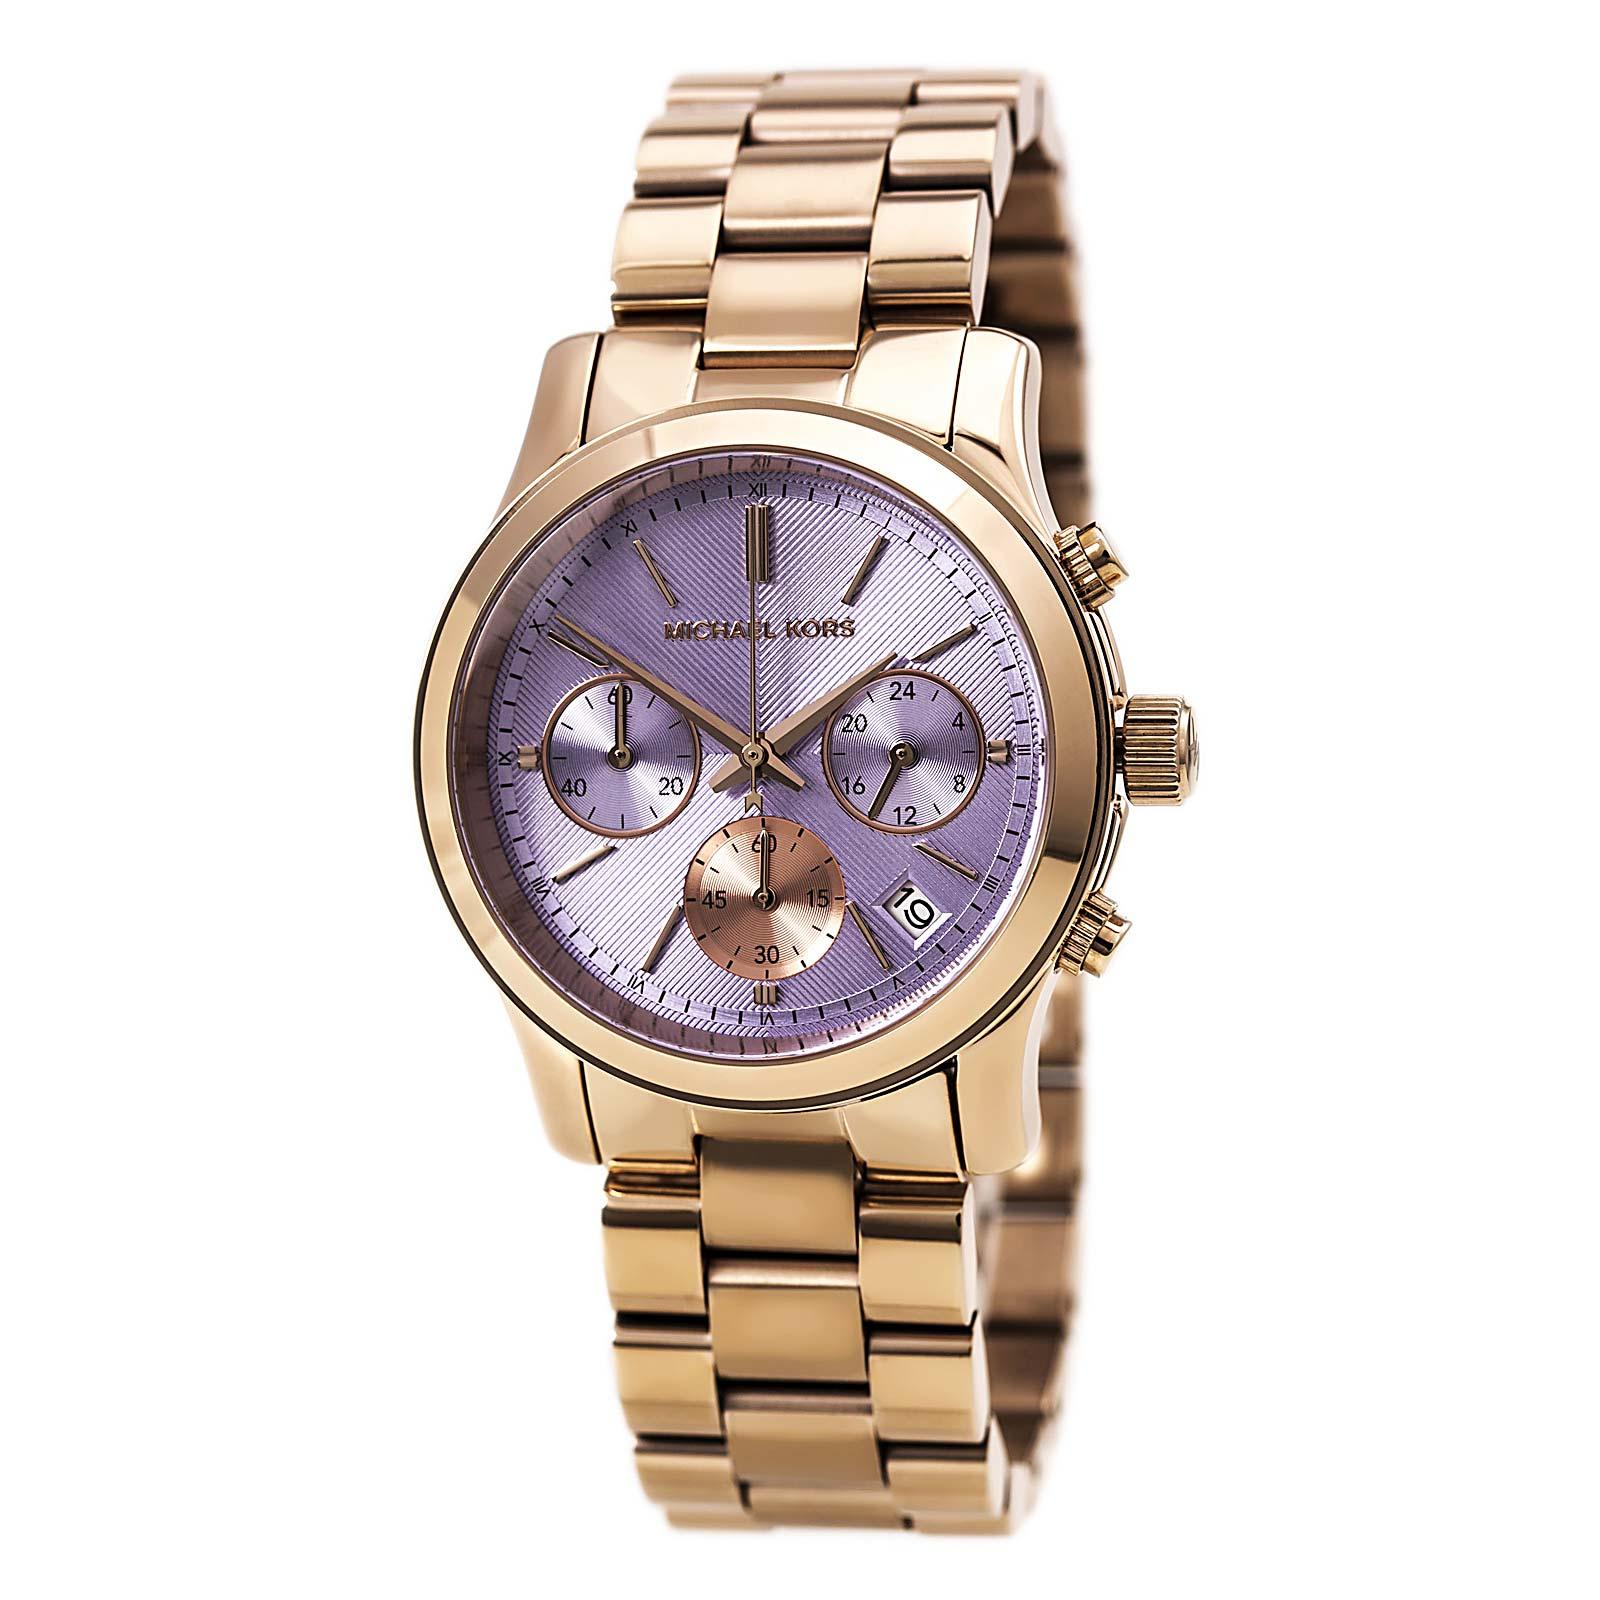 美國Outlet 正品代購 Michael Kors MK 三環 螢光紫精鋼 滿鑽 手錶 腕錶 MK6163 3